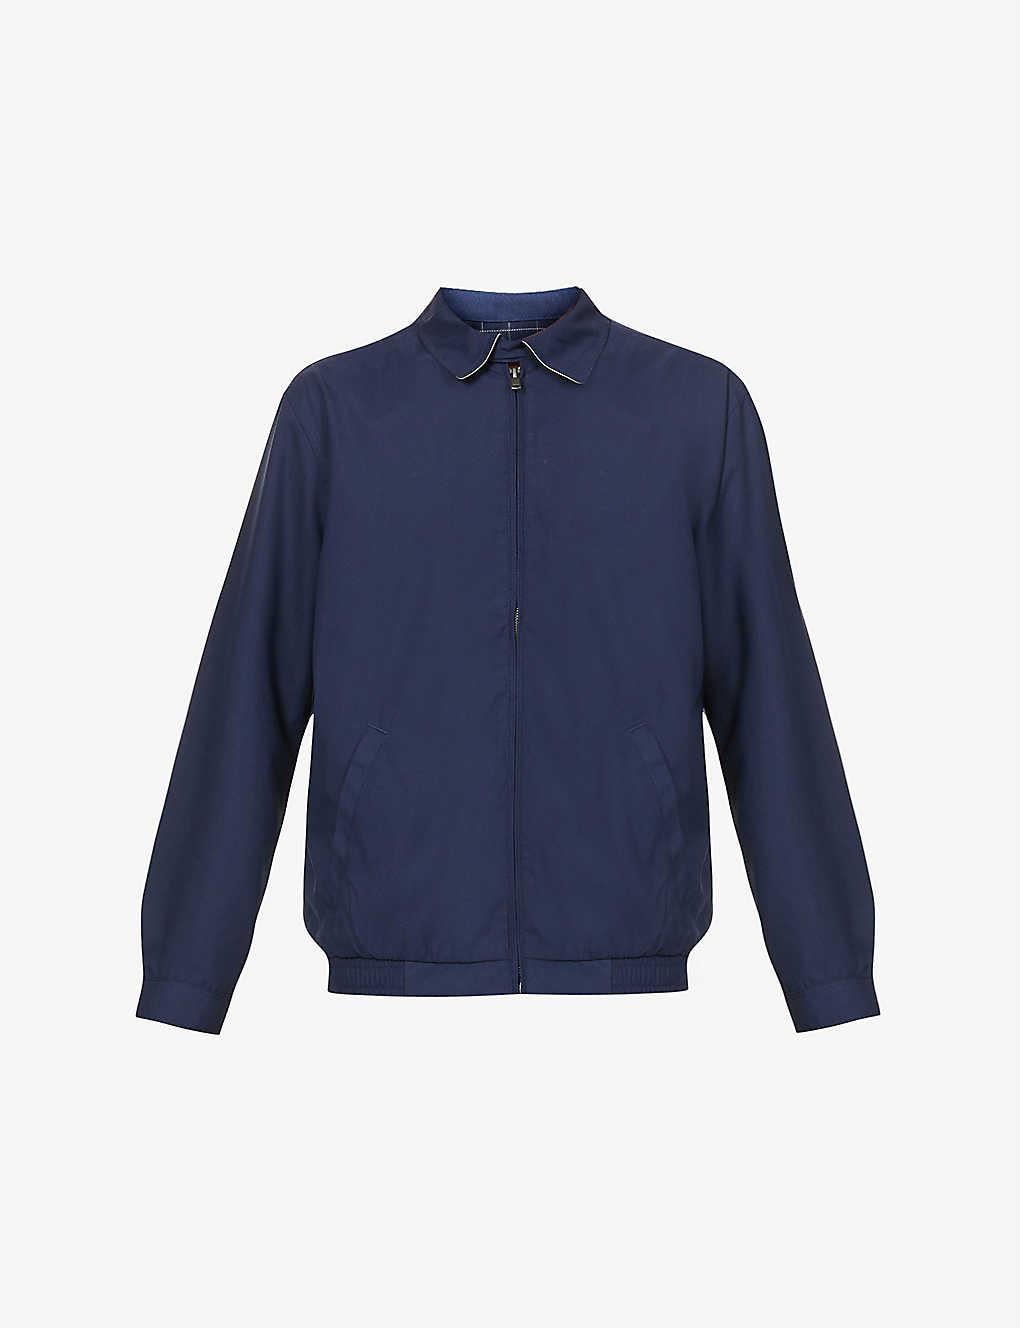 Mens jacket names - Polo Ralph Lauren New Fit Bi Swing Windbreaker Jacket